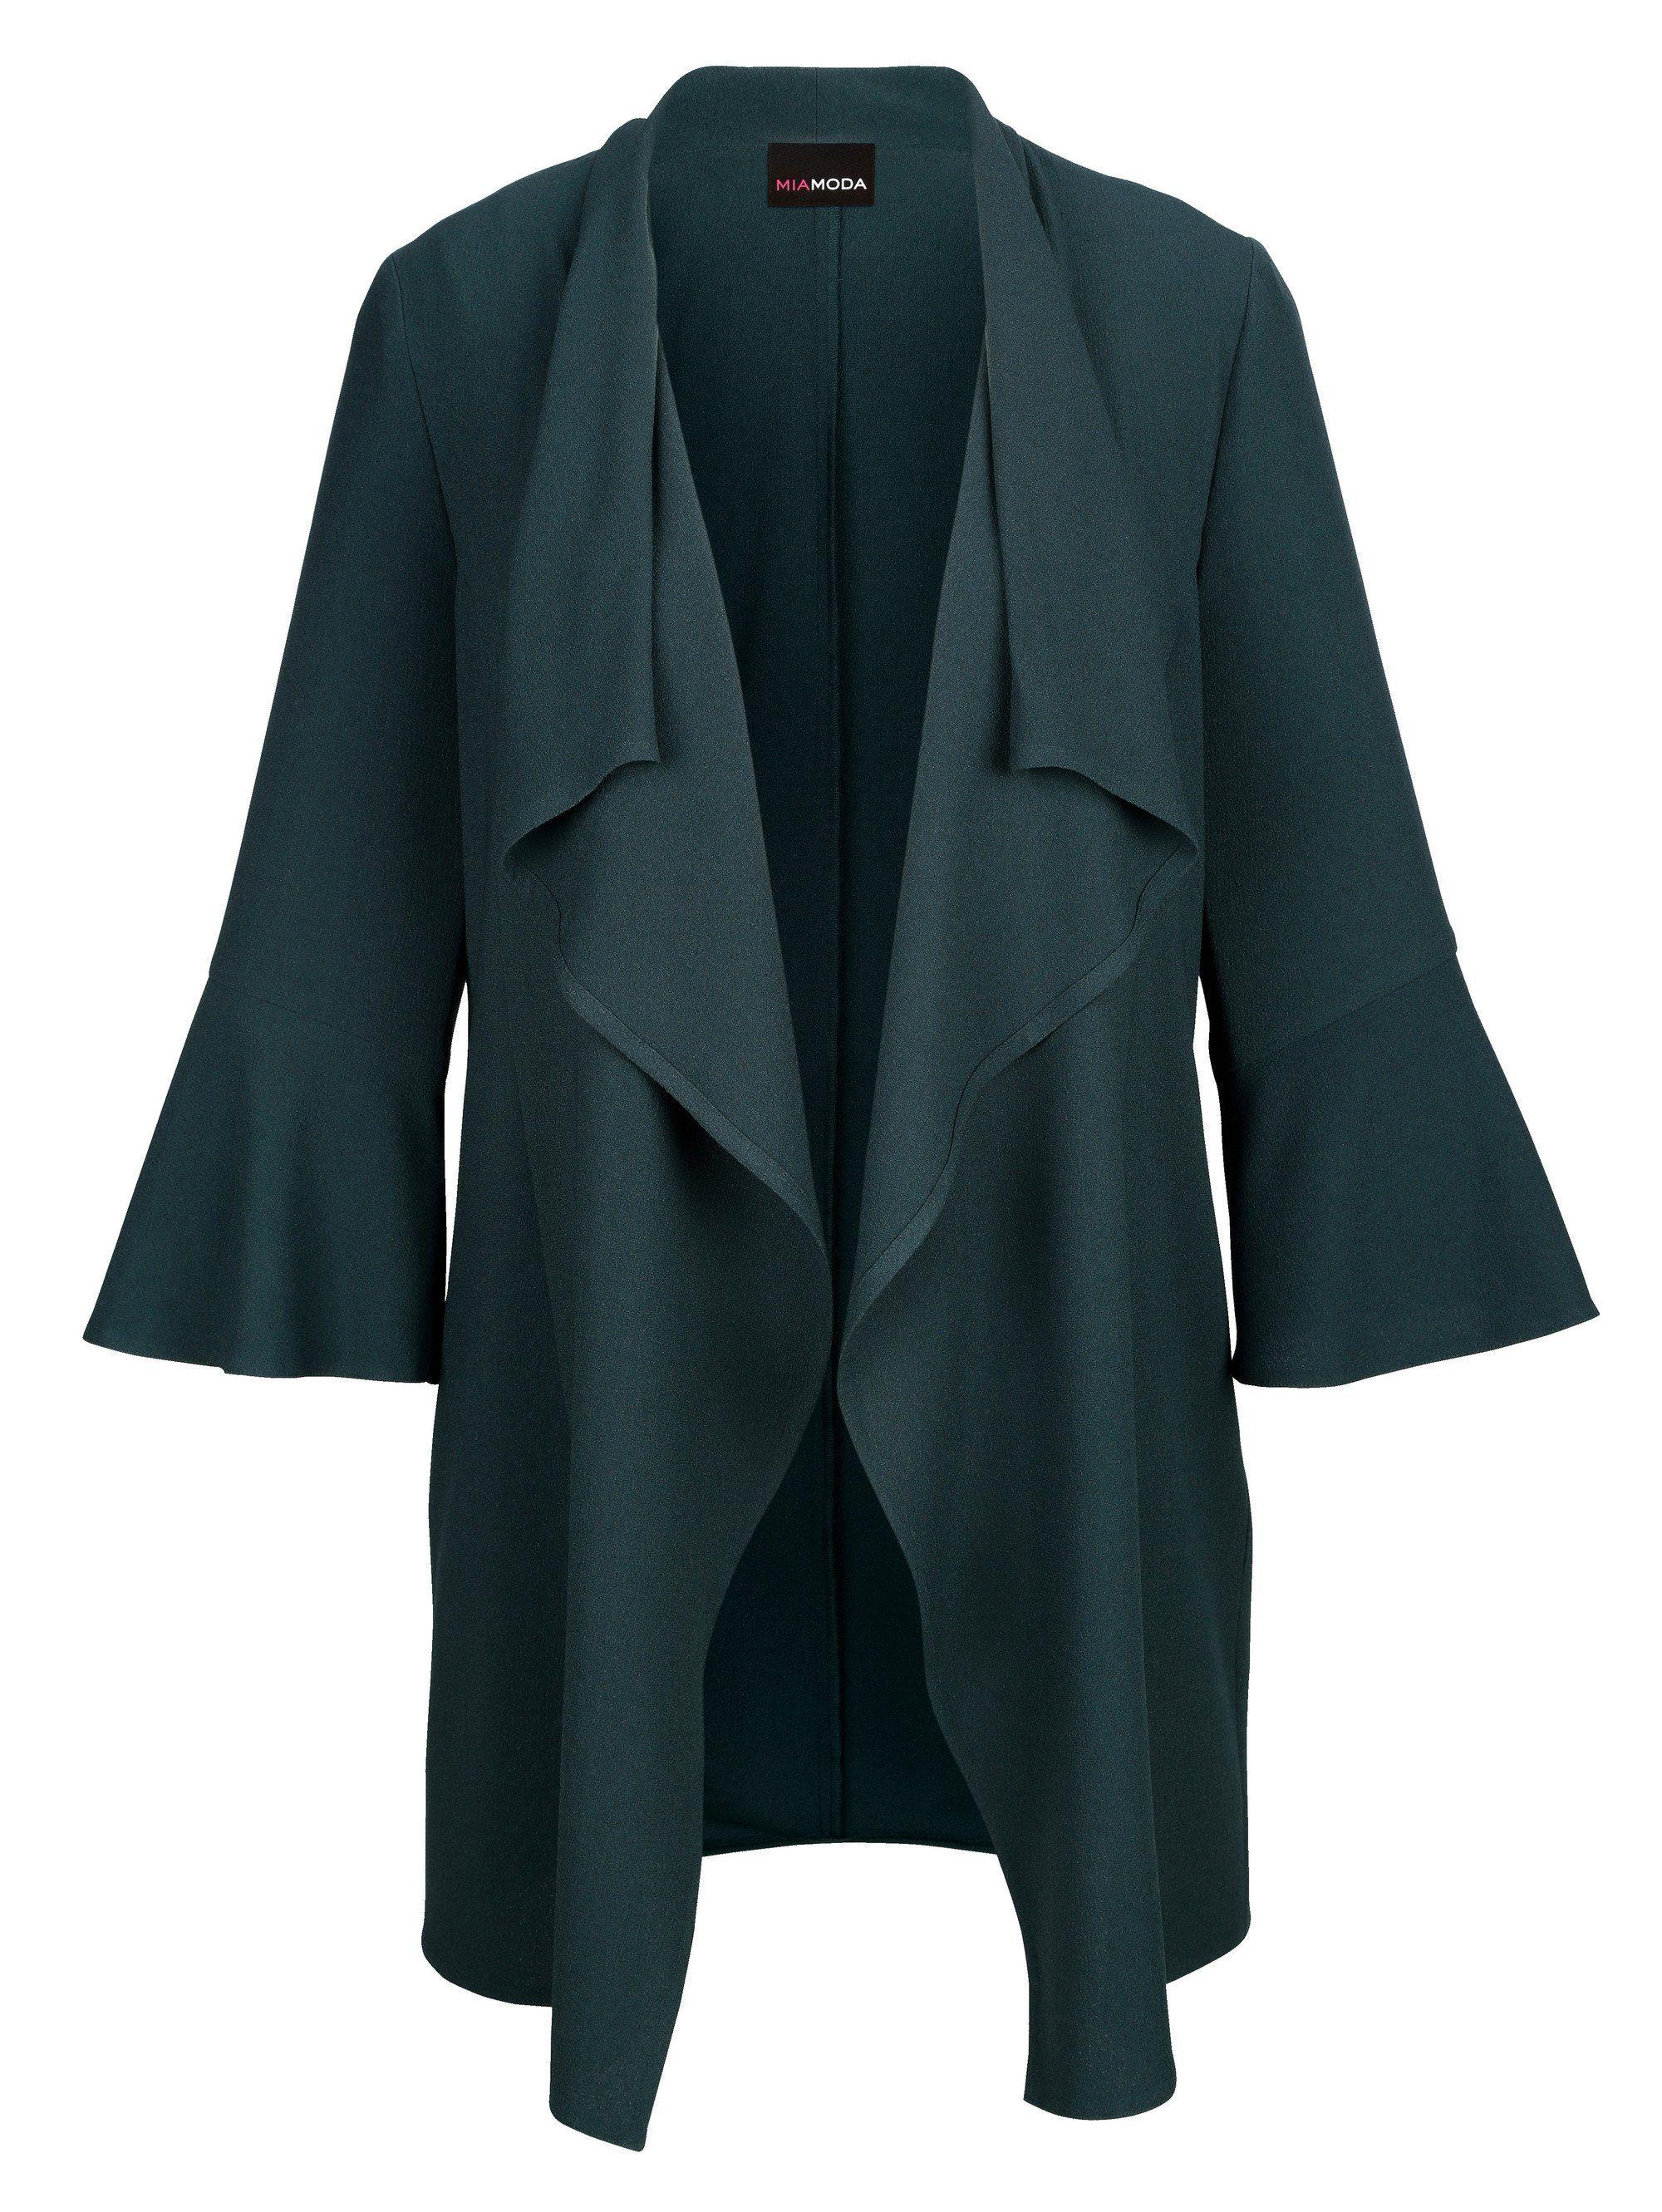 MIAMODA Blusenjacke mit weit fallendem Ausschnitt